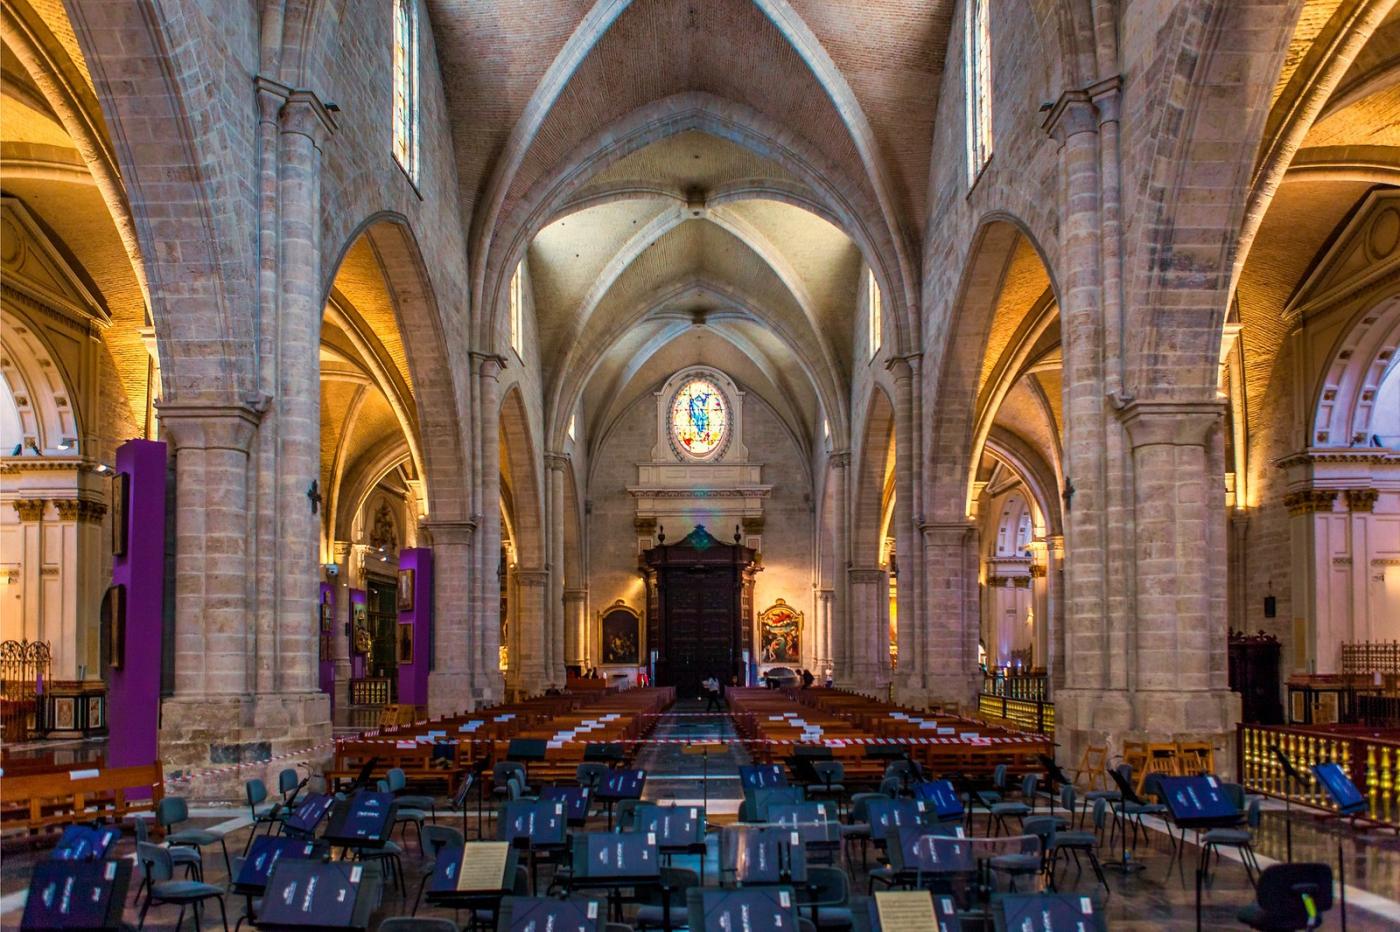 西班牙巴倫西亞主教堂,越看越喜歡_圖1-11